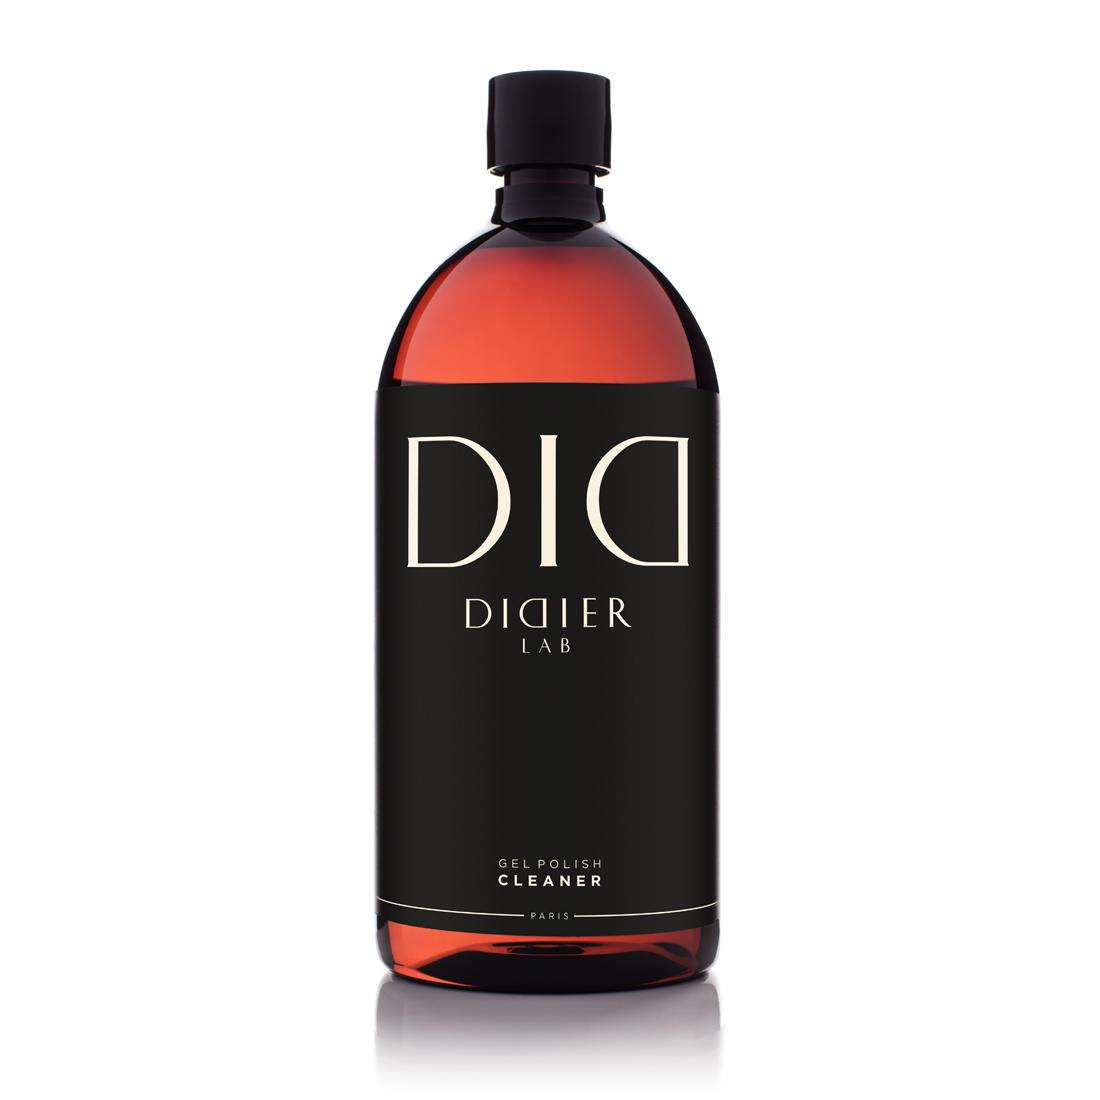 """Lichid pentru curatarea gelului de lustruire """"Didier Lab""""1000ml/Gel Polish Cleaner """"Didier lab""""1000ml"""